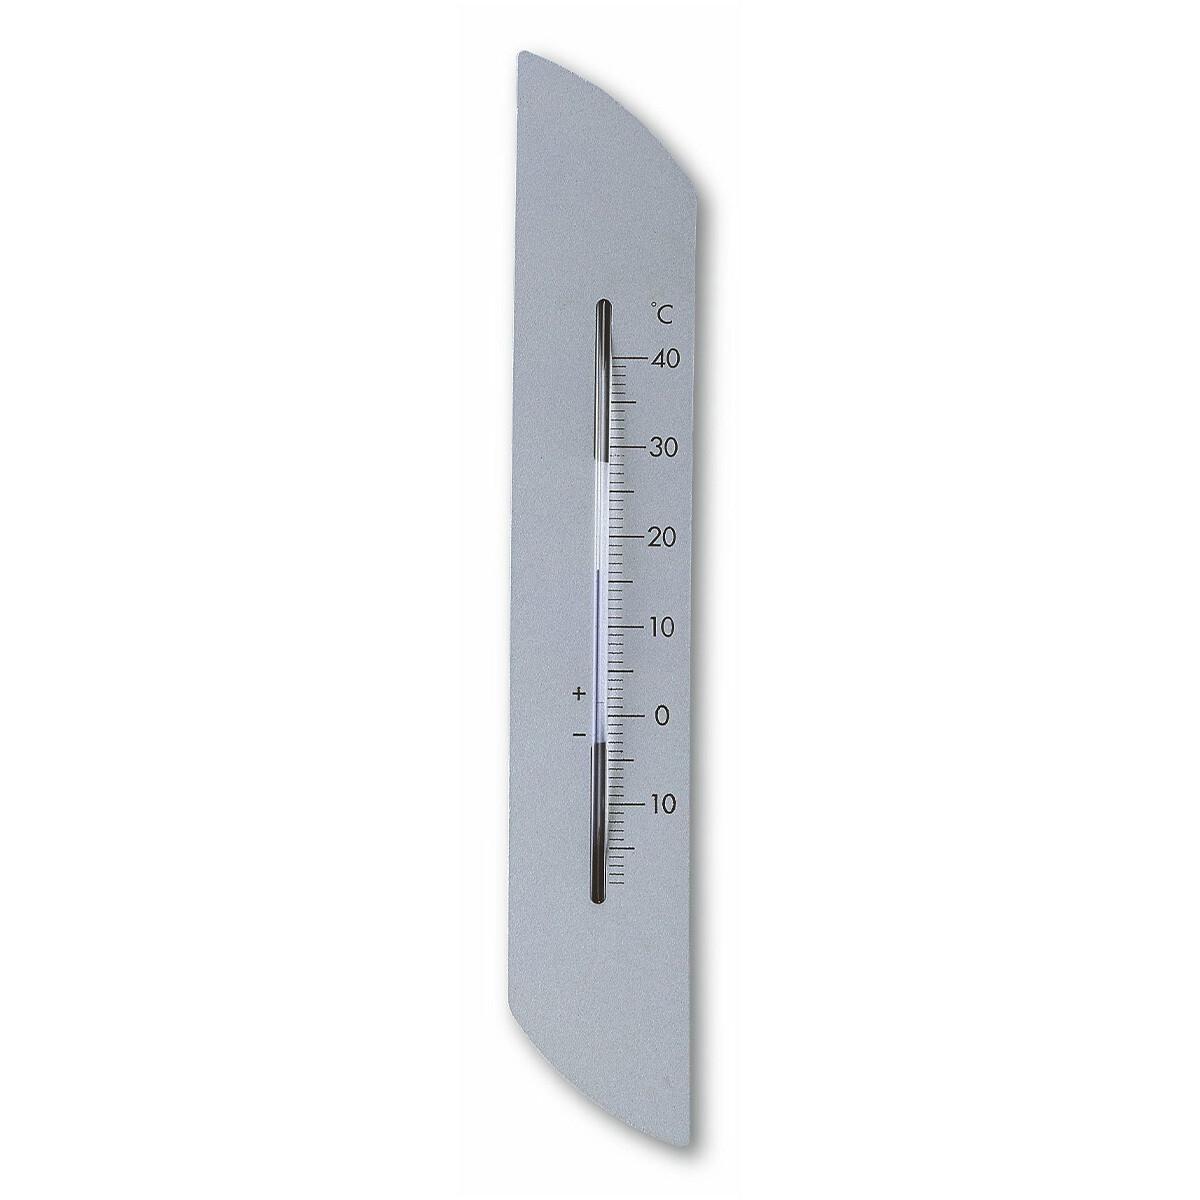 Innen-Aussen-Thermometer aus Metall RADIUS